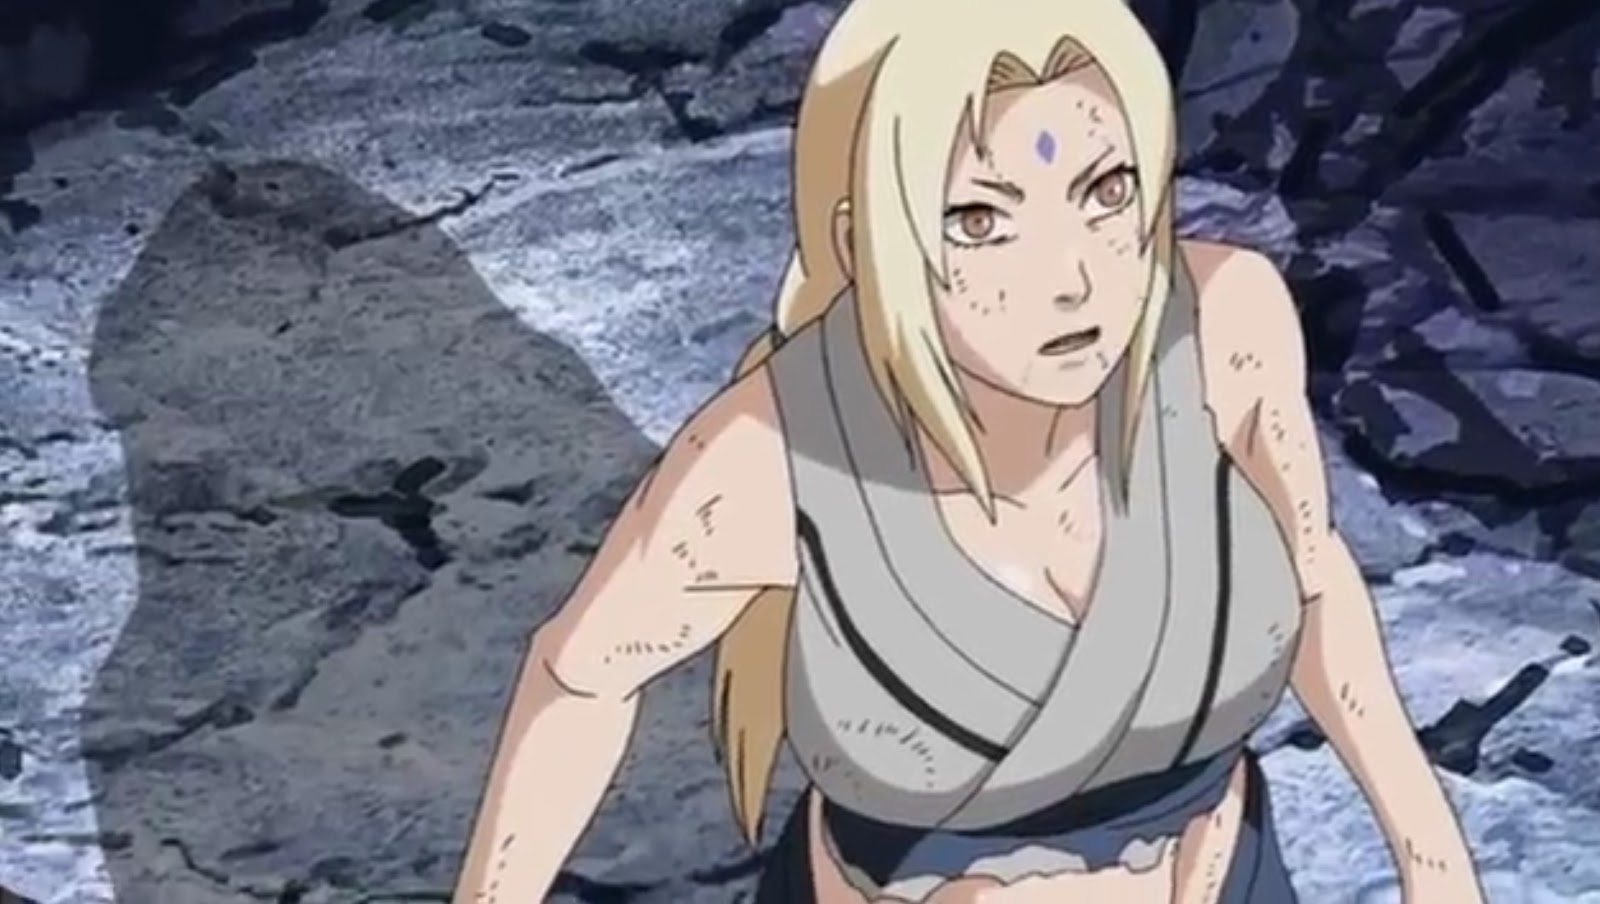 Naruto Shippuden Episódio 432, Assistir Naruto Shippuden Episódio 432, Assistir Naruto Shippuden Todos os Episódios Legendado, Naruto Shippuden episódio 432,HD